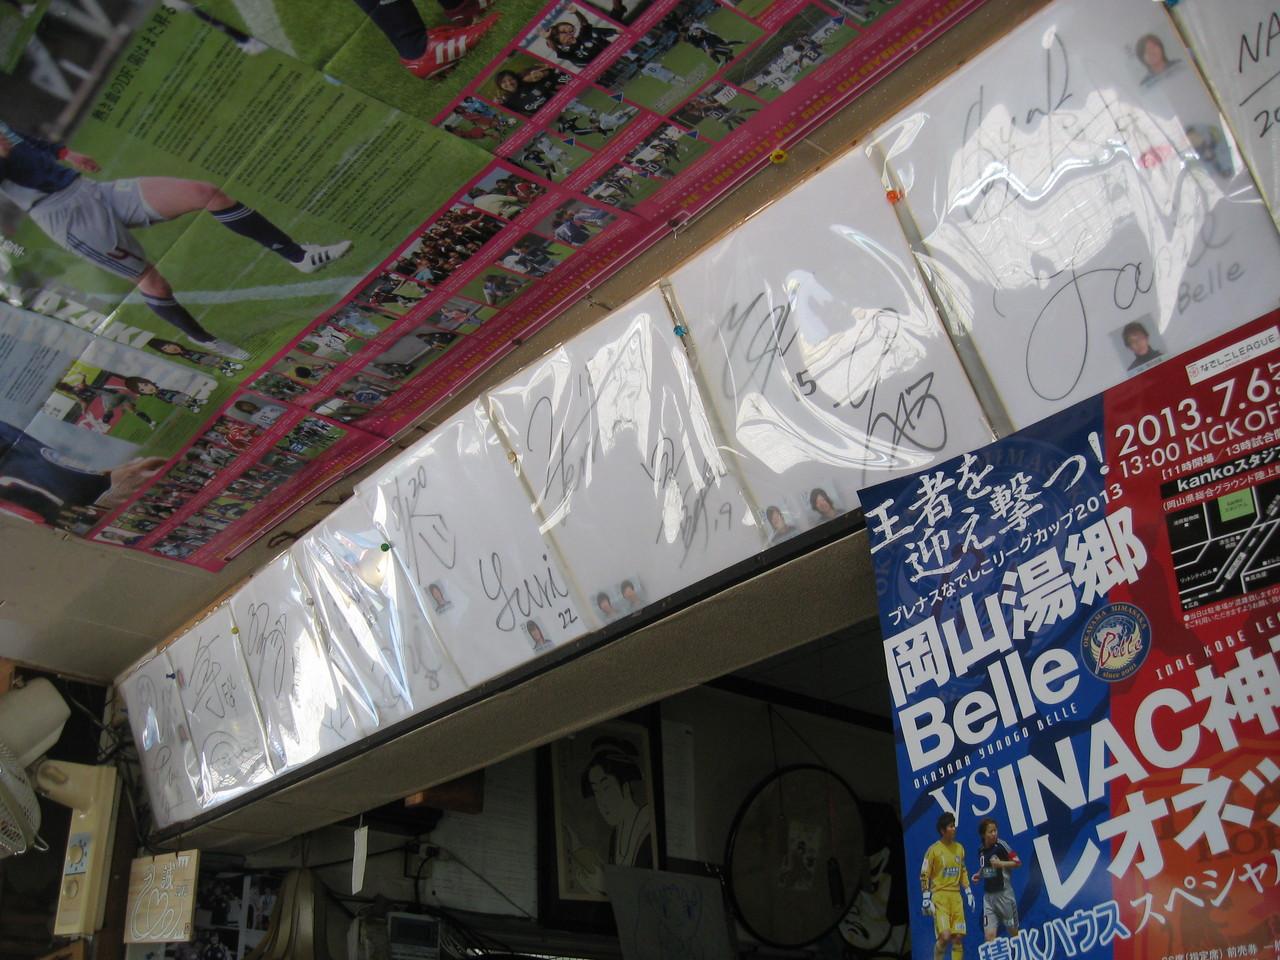 岡山湯郷ベルの選手から頂いたサインを飾っています